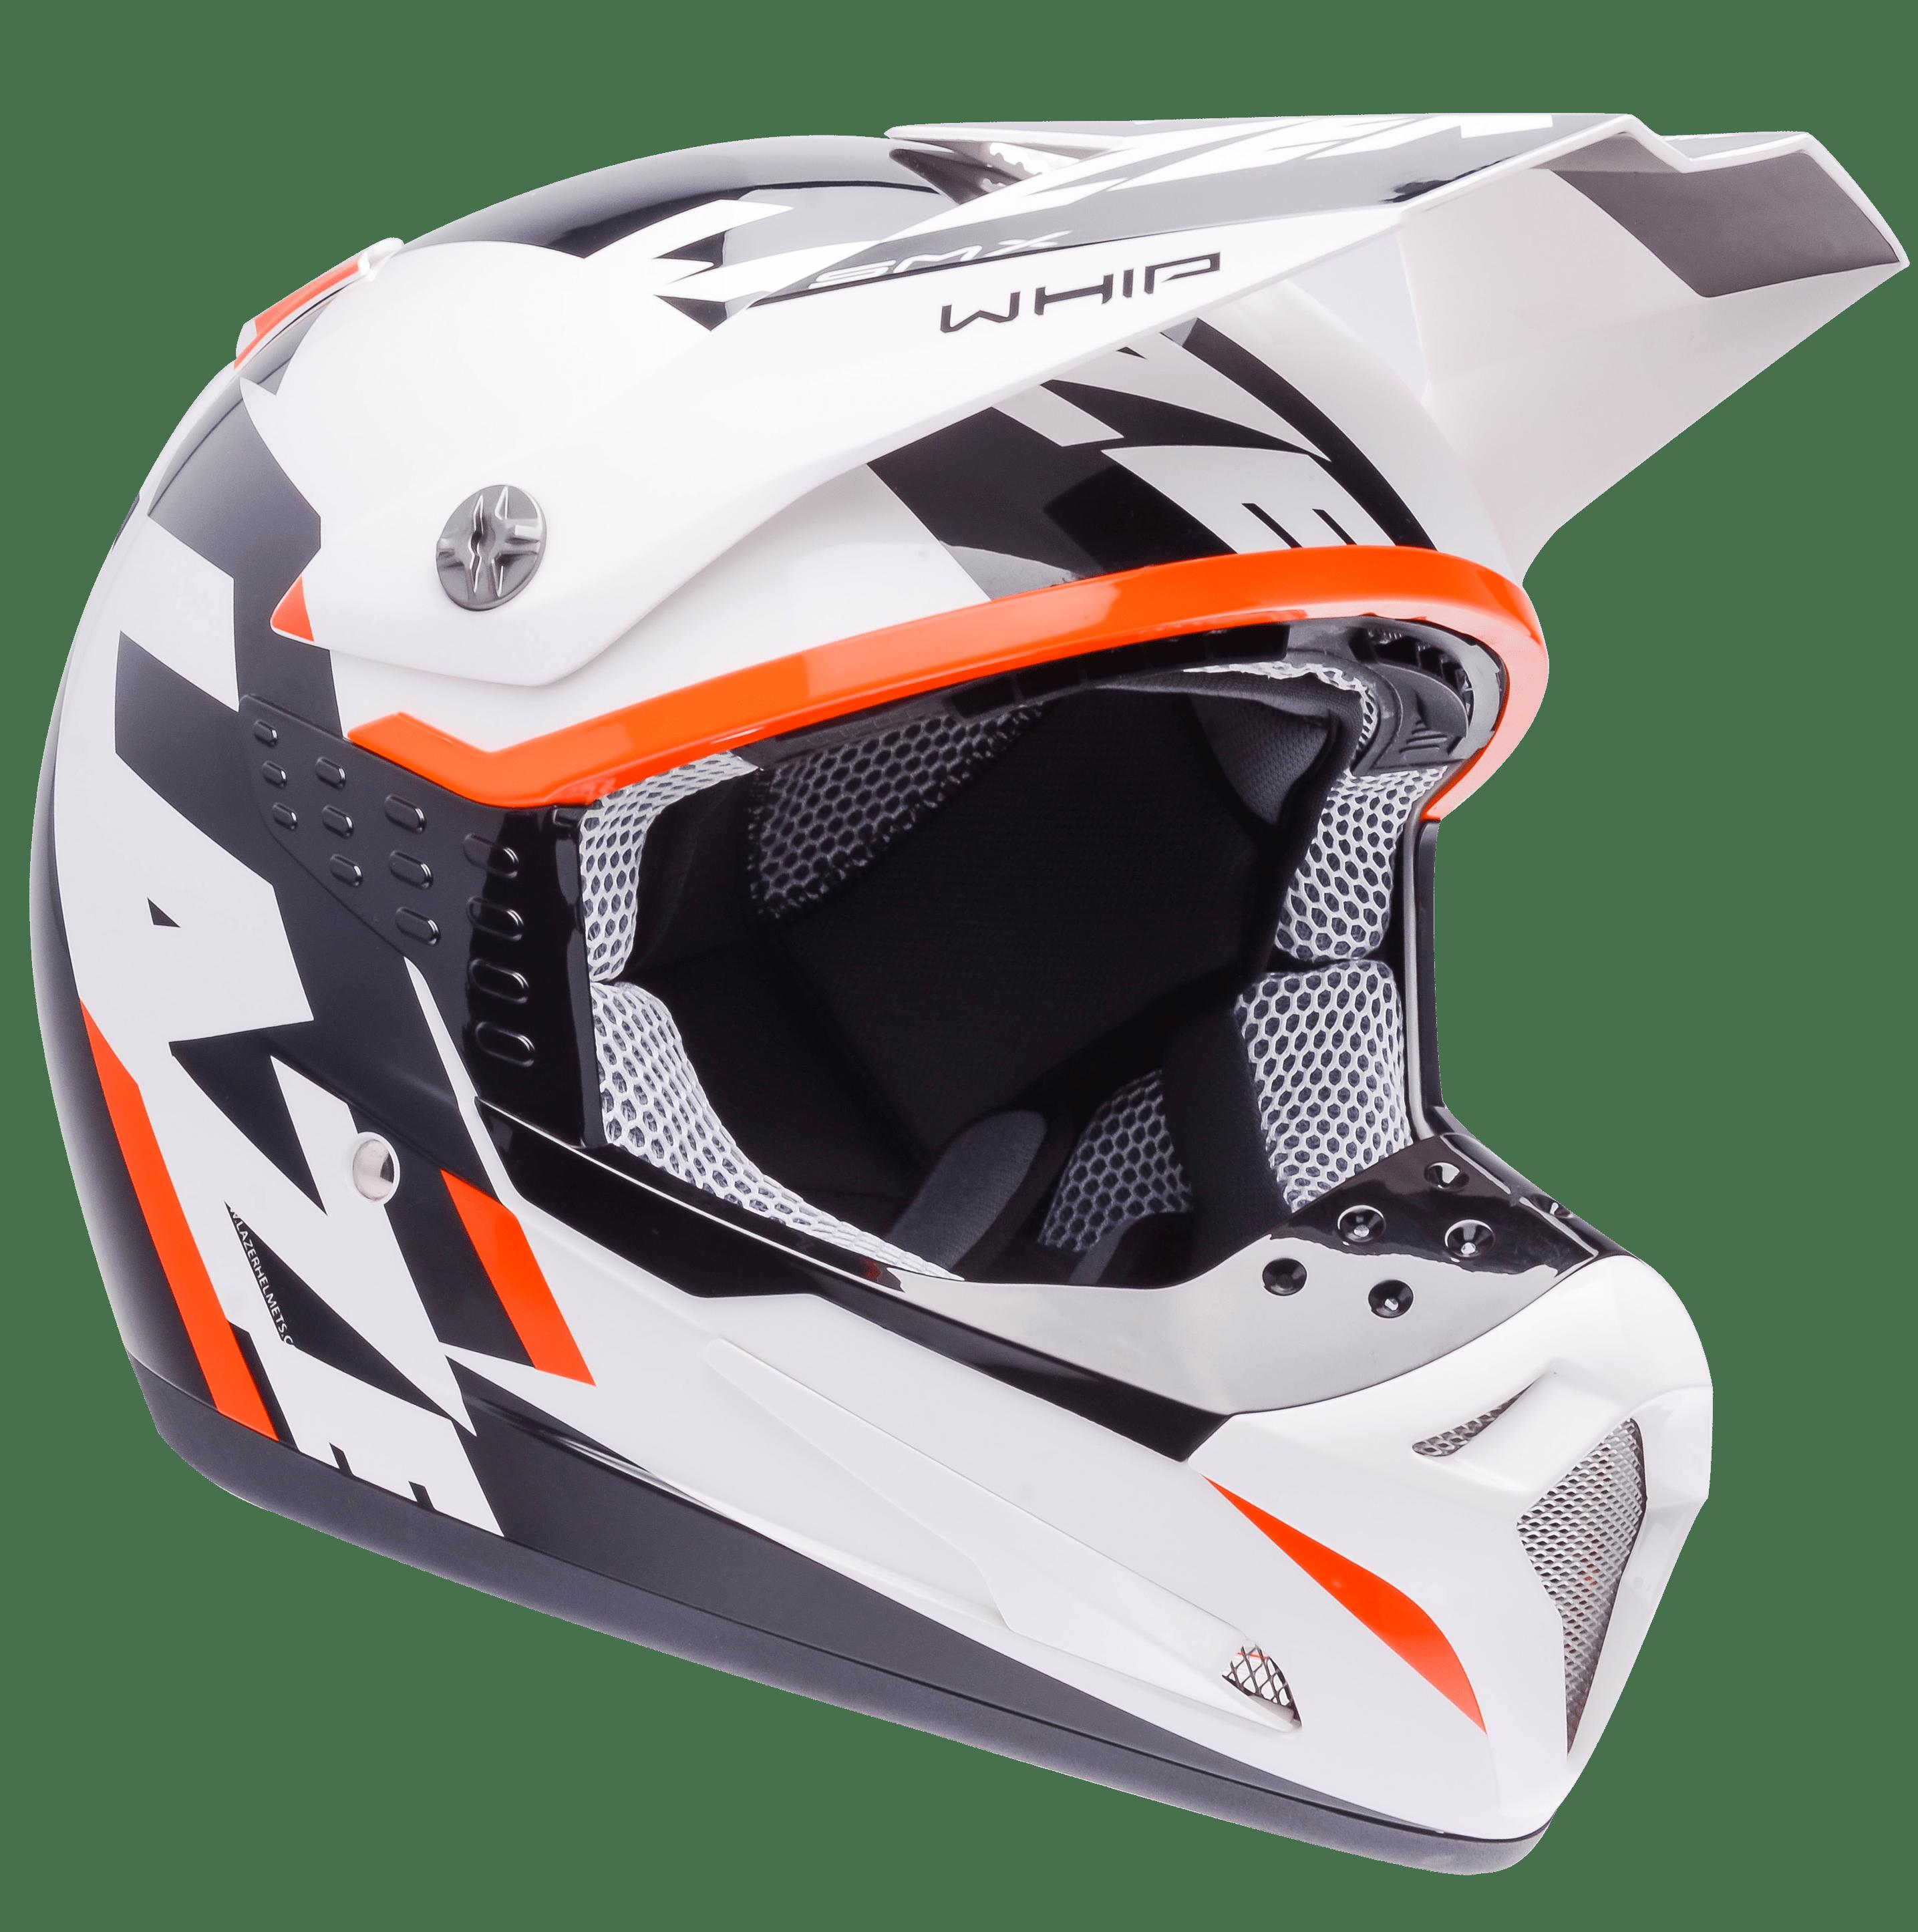 Motorcycle Helmet PNG HD Transparent Motorcycle Helmet HD.PNG Images.